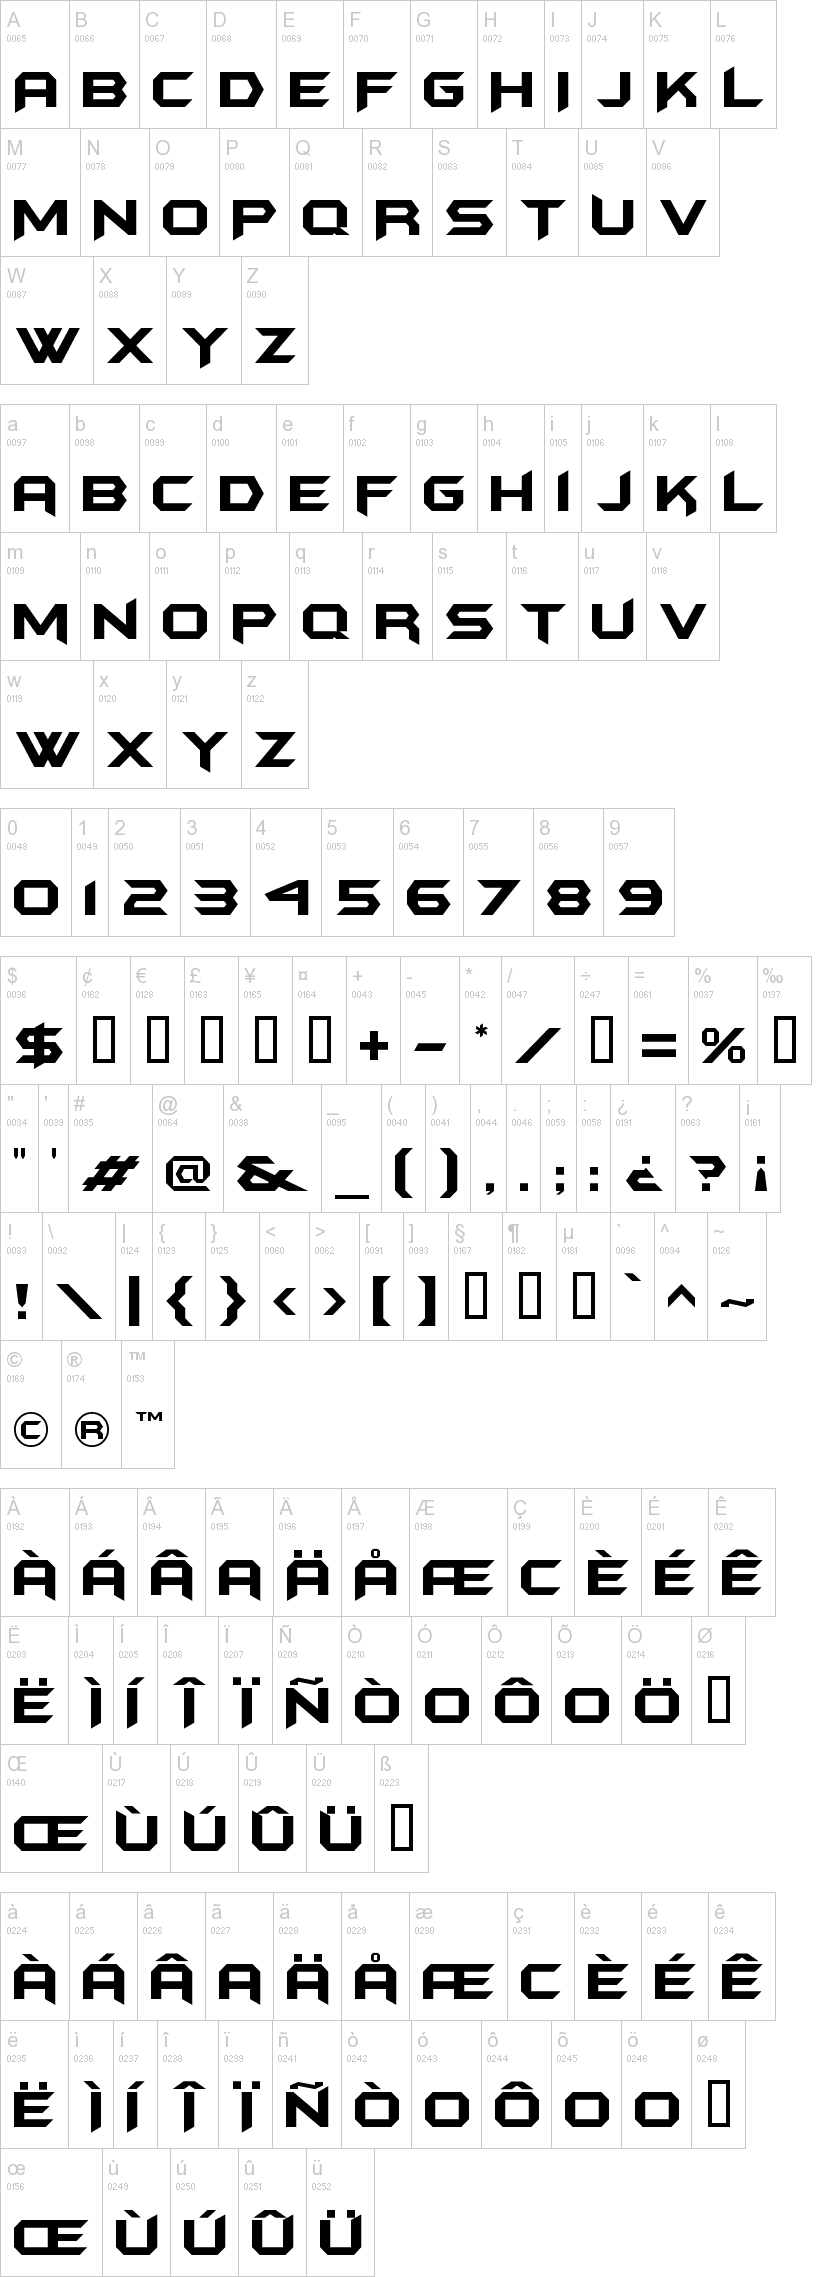 Batman Fonts Free Download